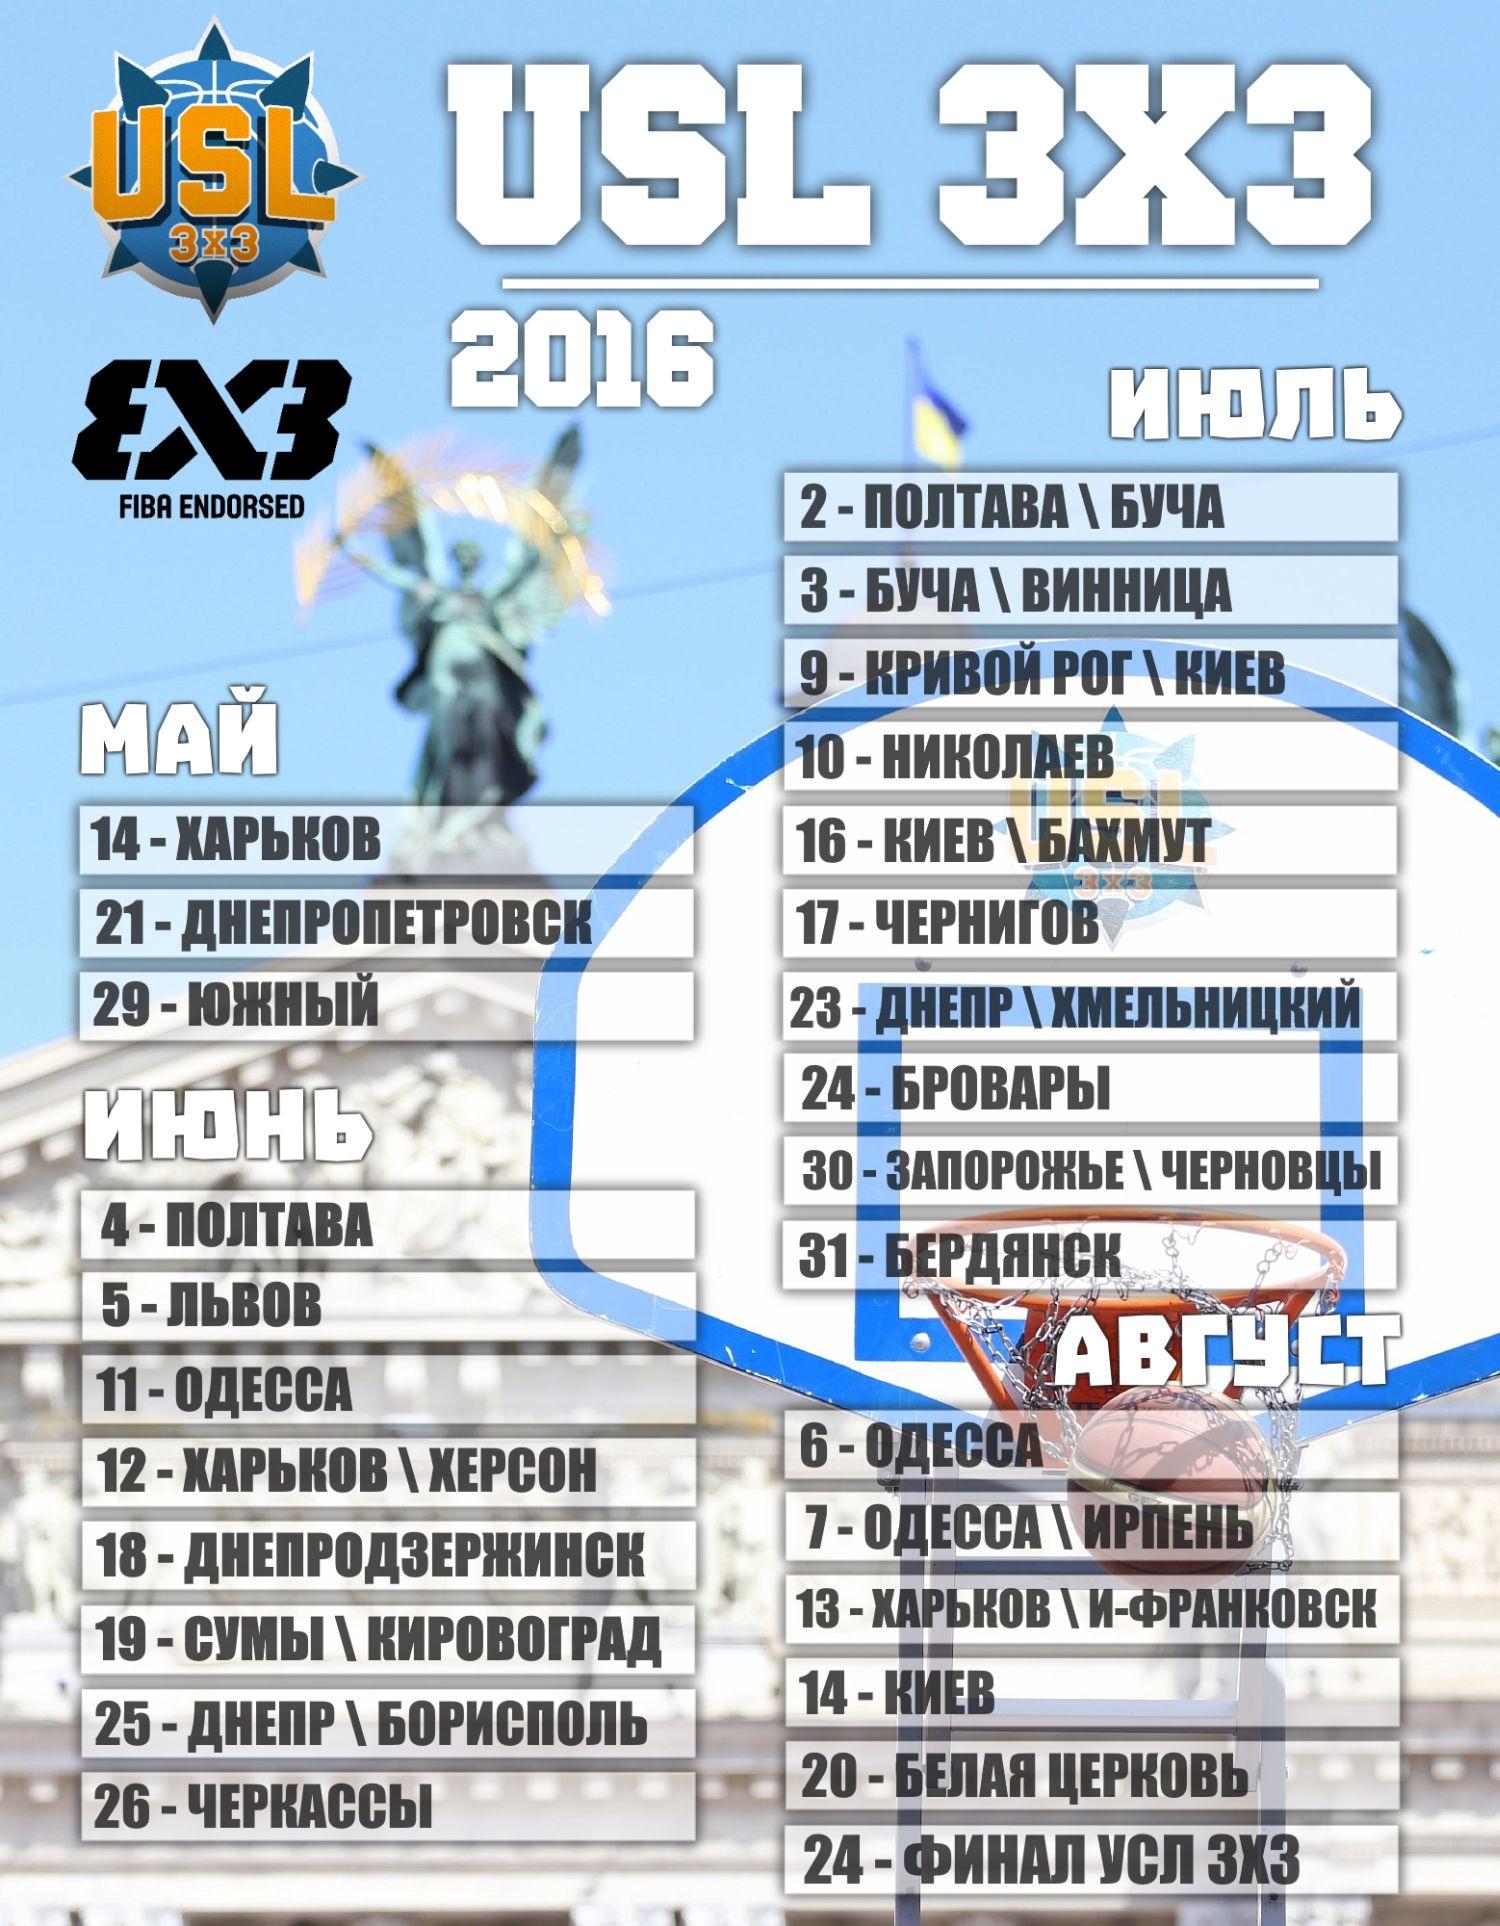 Календарь УСЛ 3х3 2016